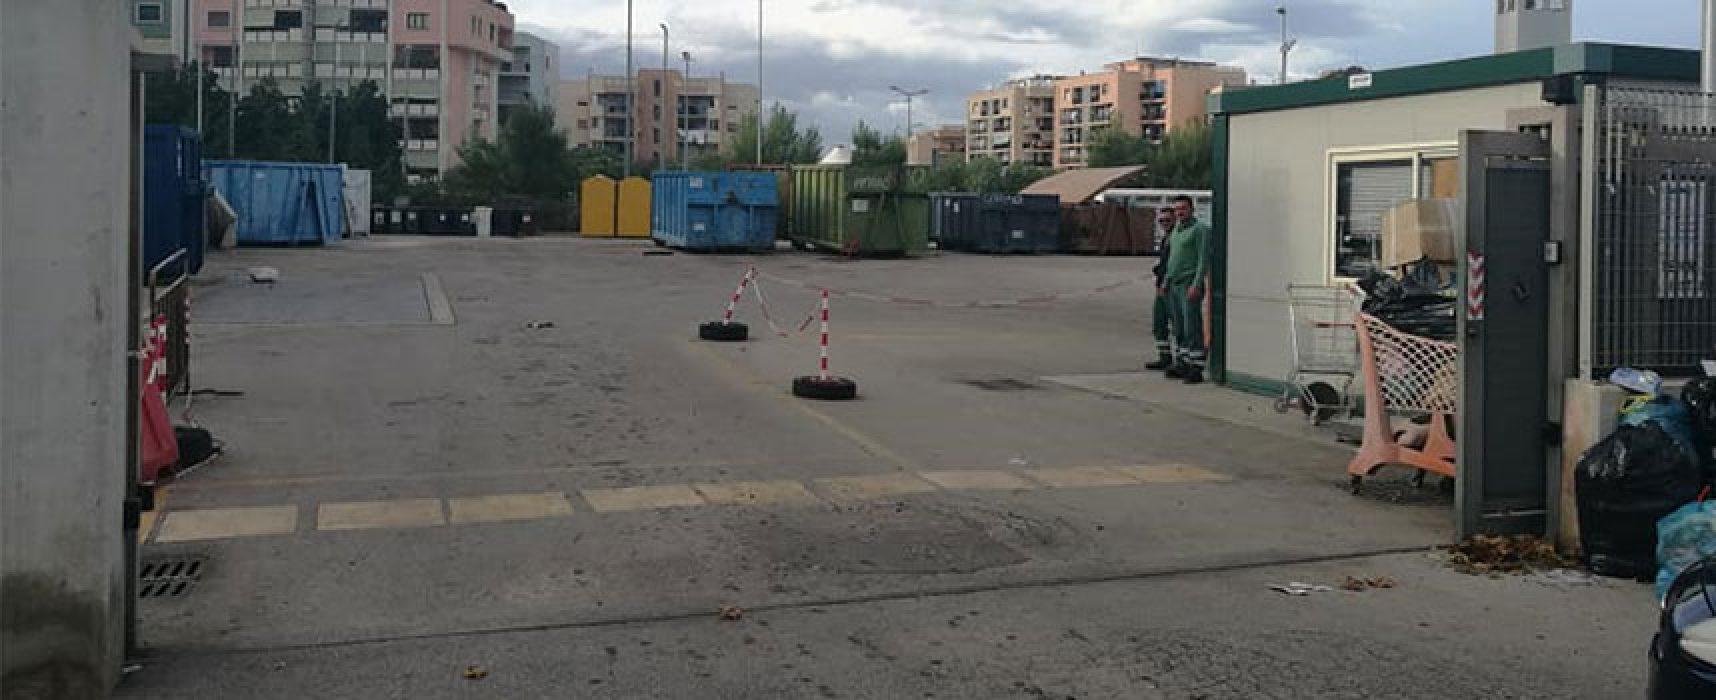 Nuovi orari autunnali per i centri comunali di raccolta rifiuti